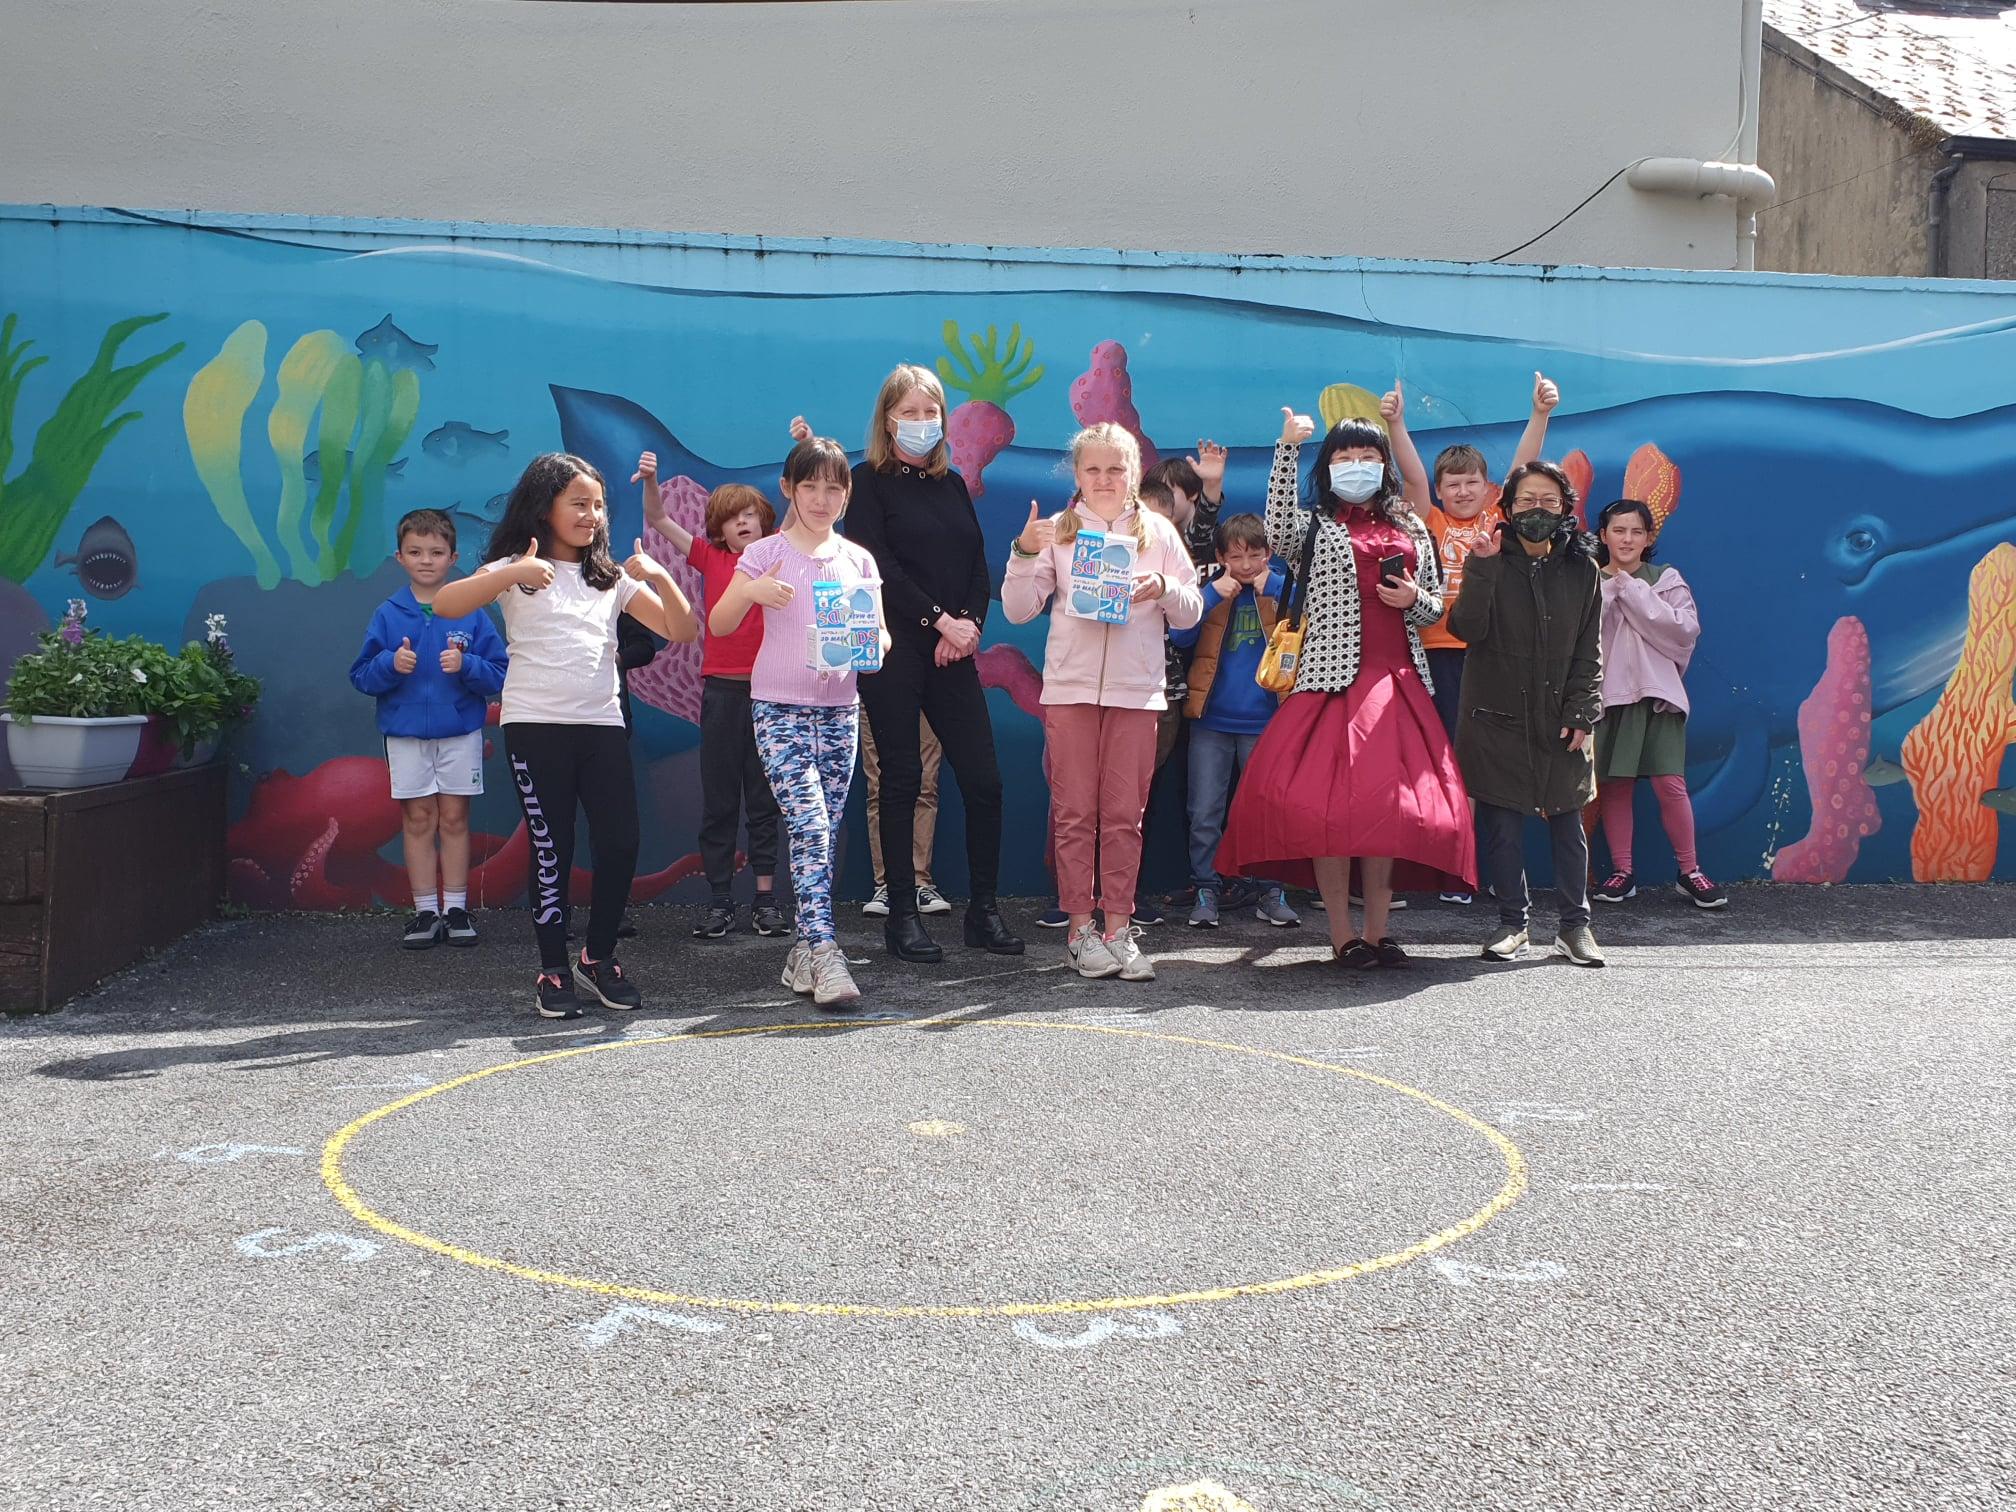 孩童未有疫苗施打! 愛爾蘭僑臺商捐兒童口罩至小學